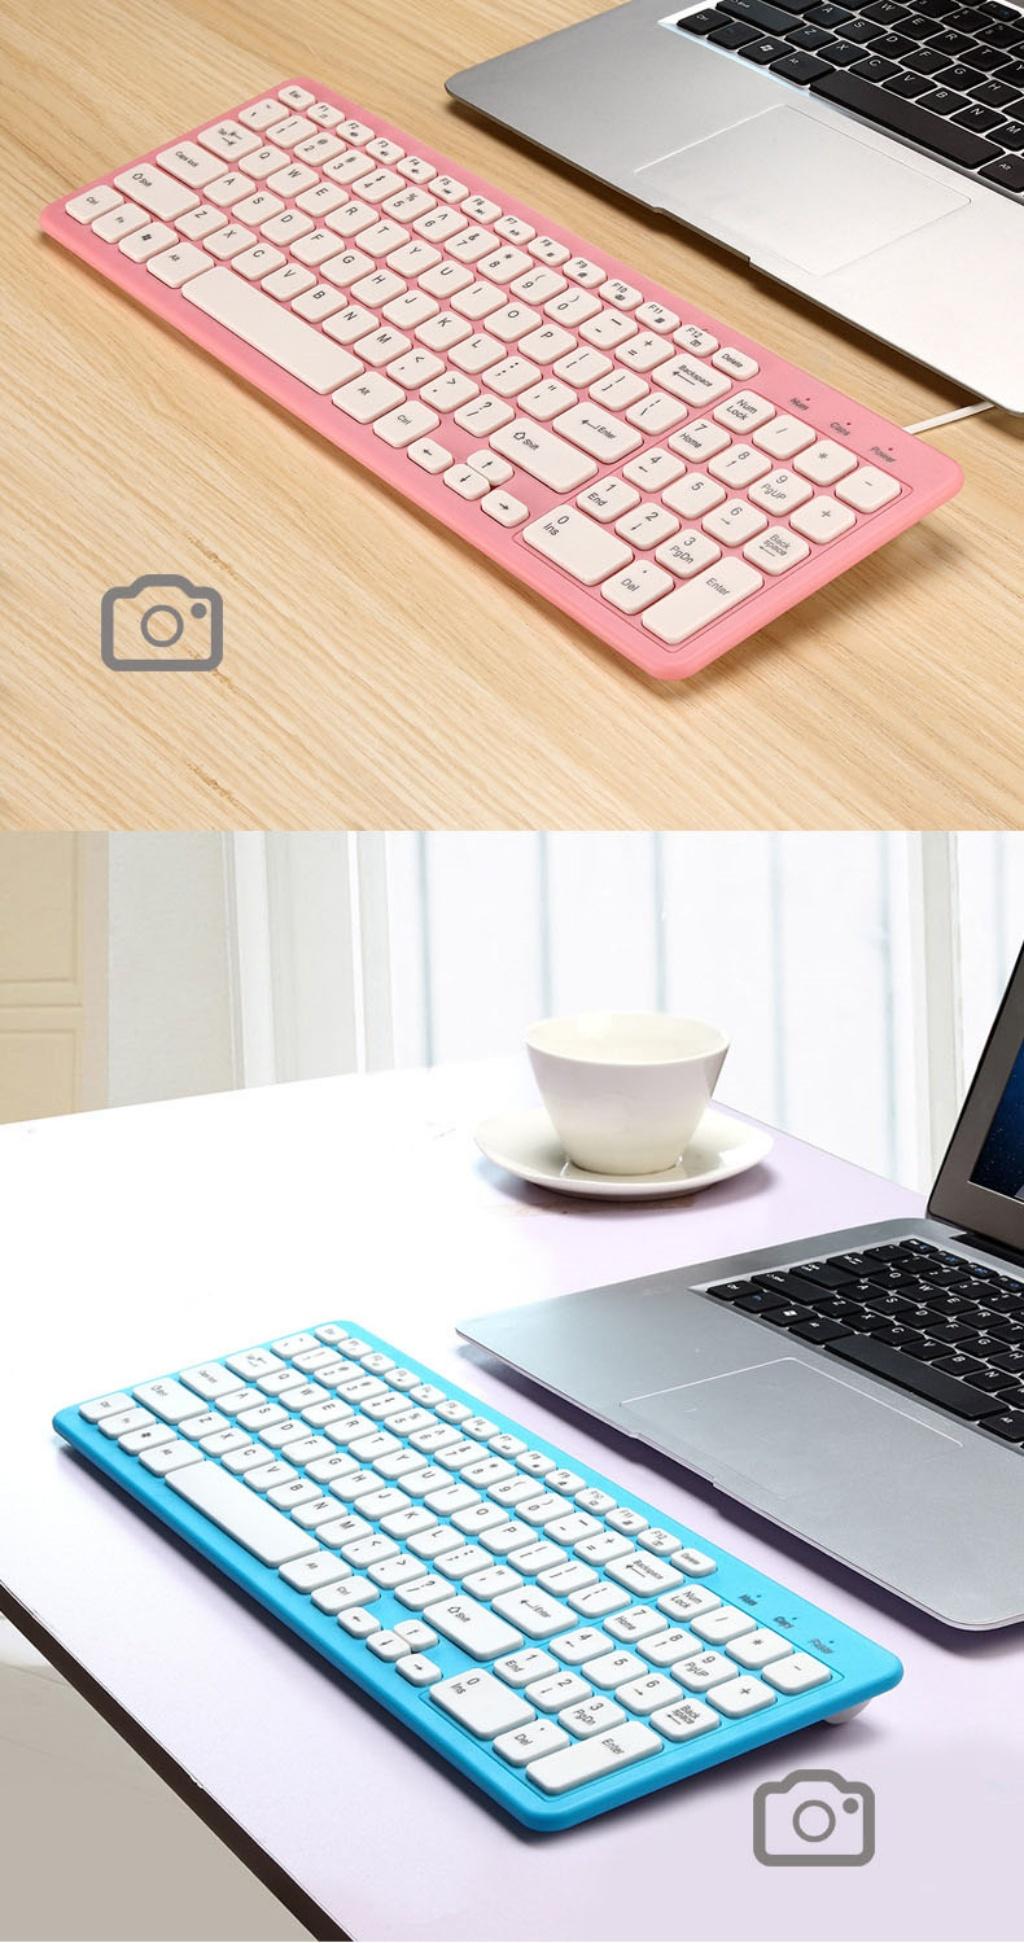 nên hay không sử dụng bàn phím rời cho laptop